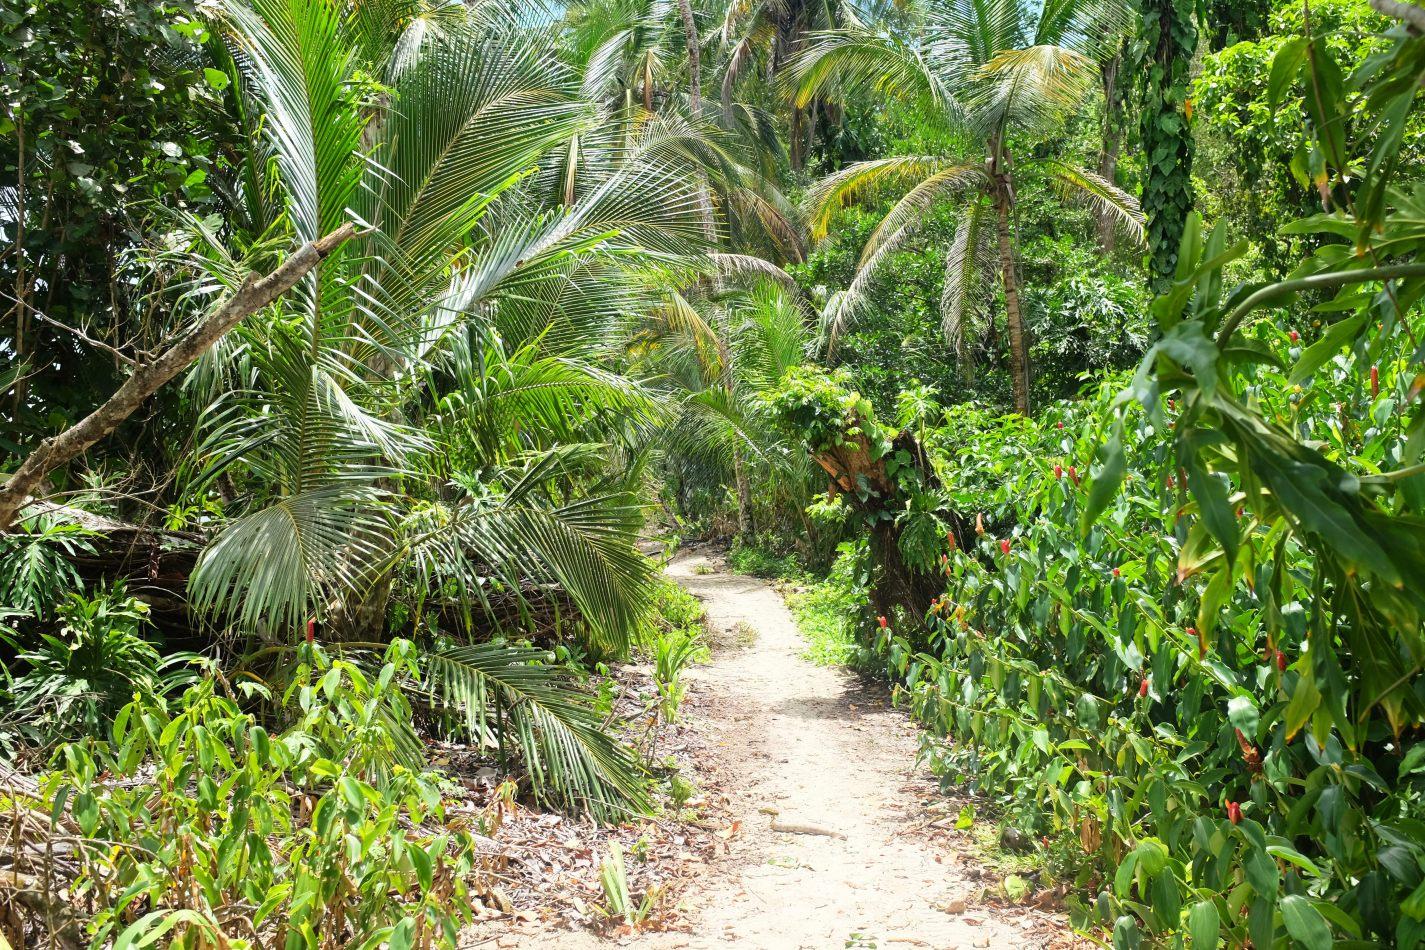 Hibiscus & Nomada : - - Cahuita National Park